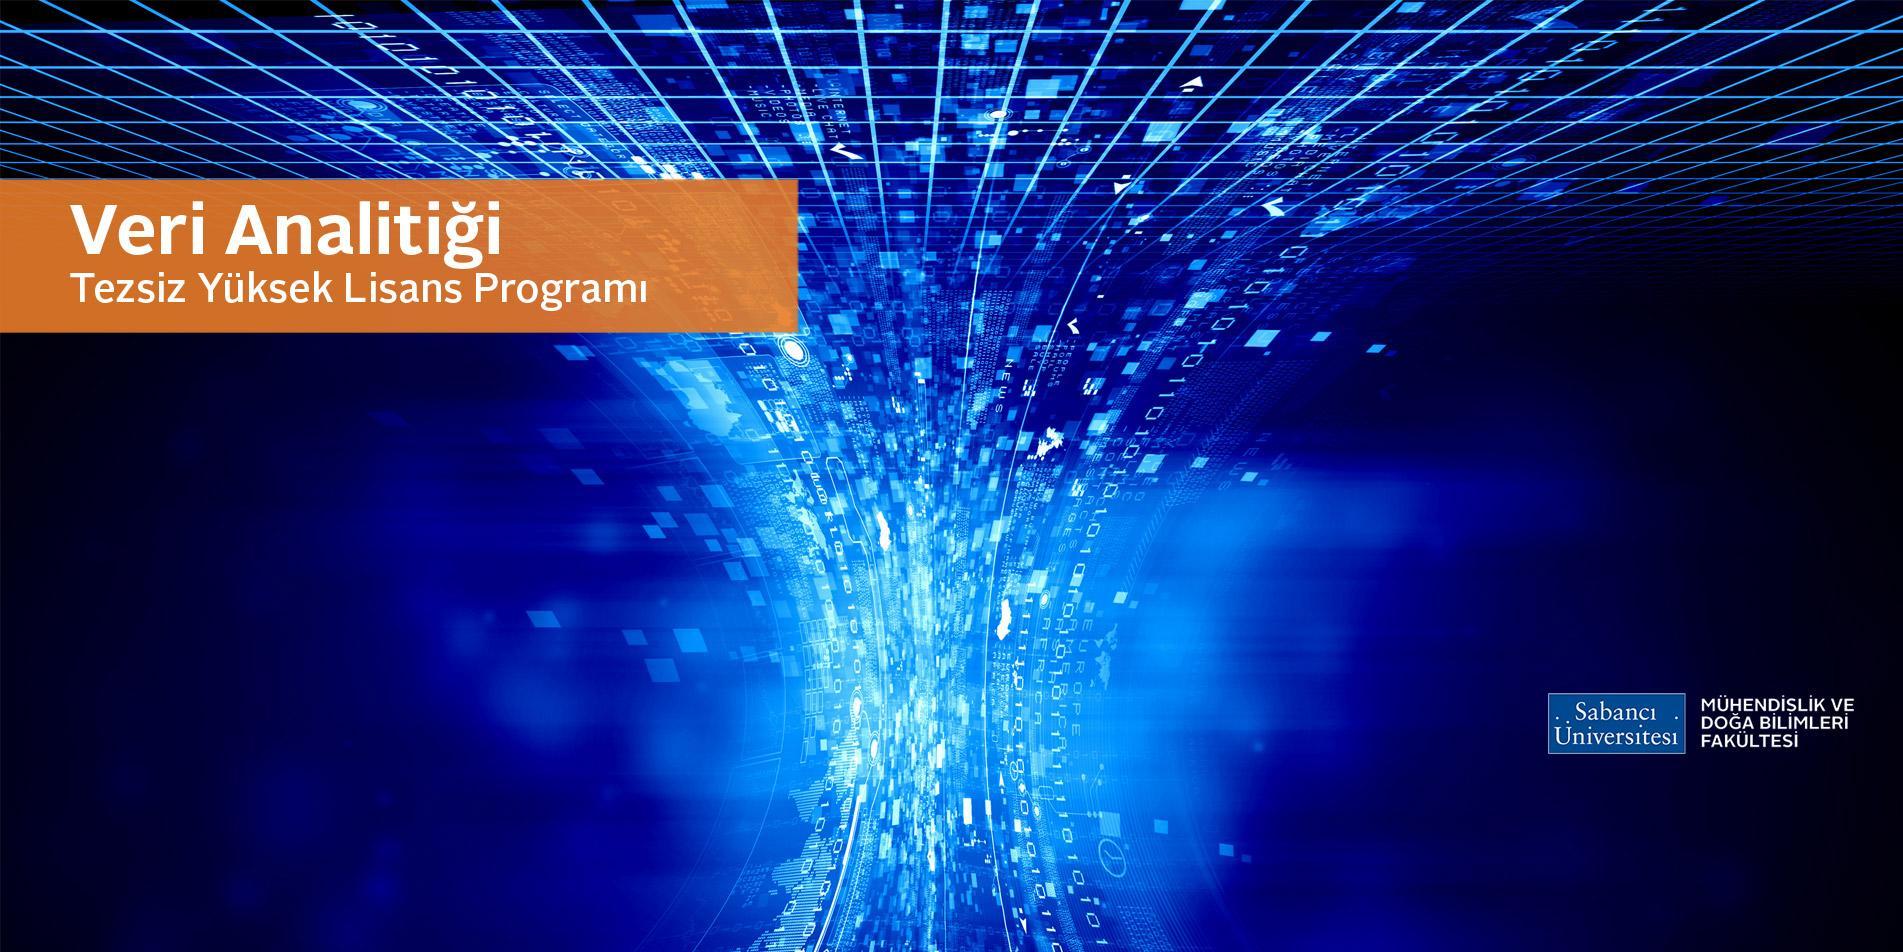 Veri Analitiği Tezsiz Yüksek Lisans Programı Tanıtım Toplantısı - 05 Temmuz 2017 Etkinlik Afişi